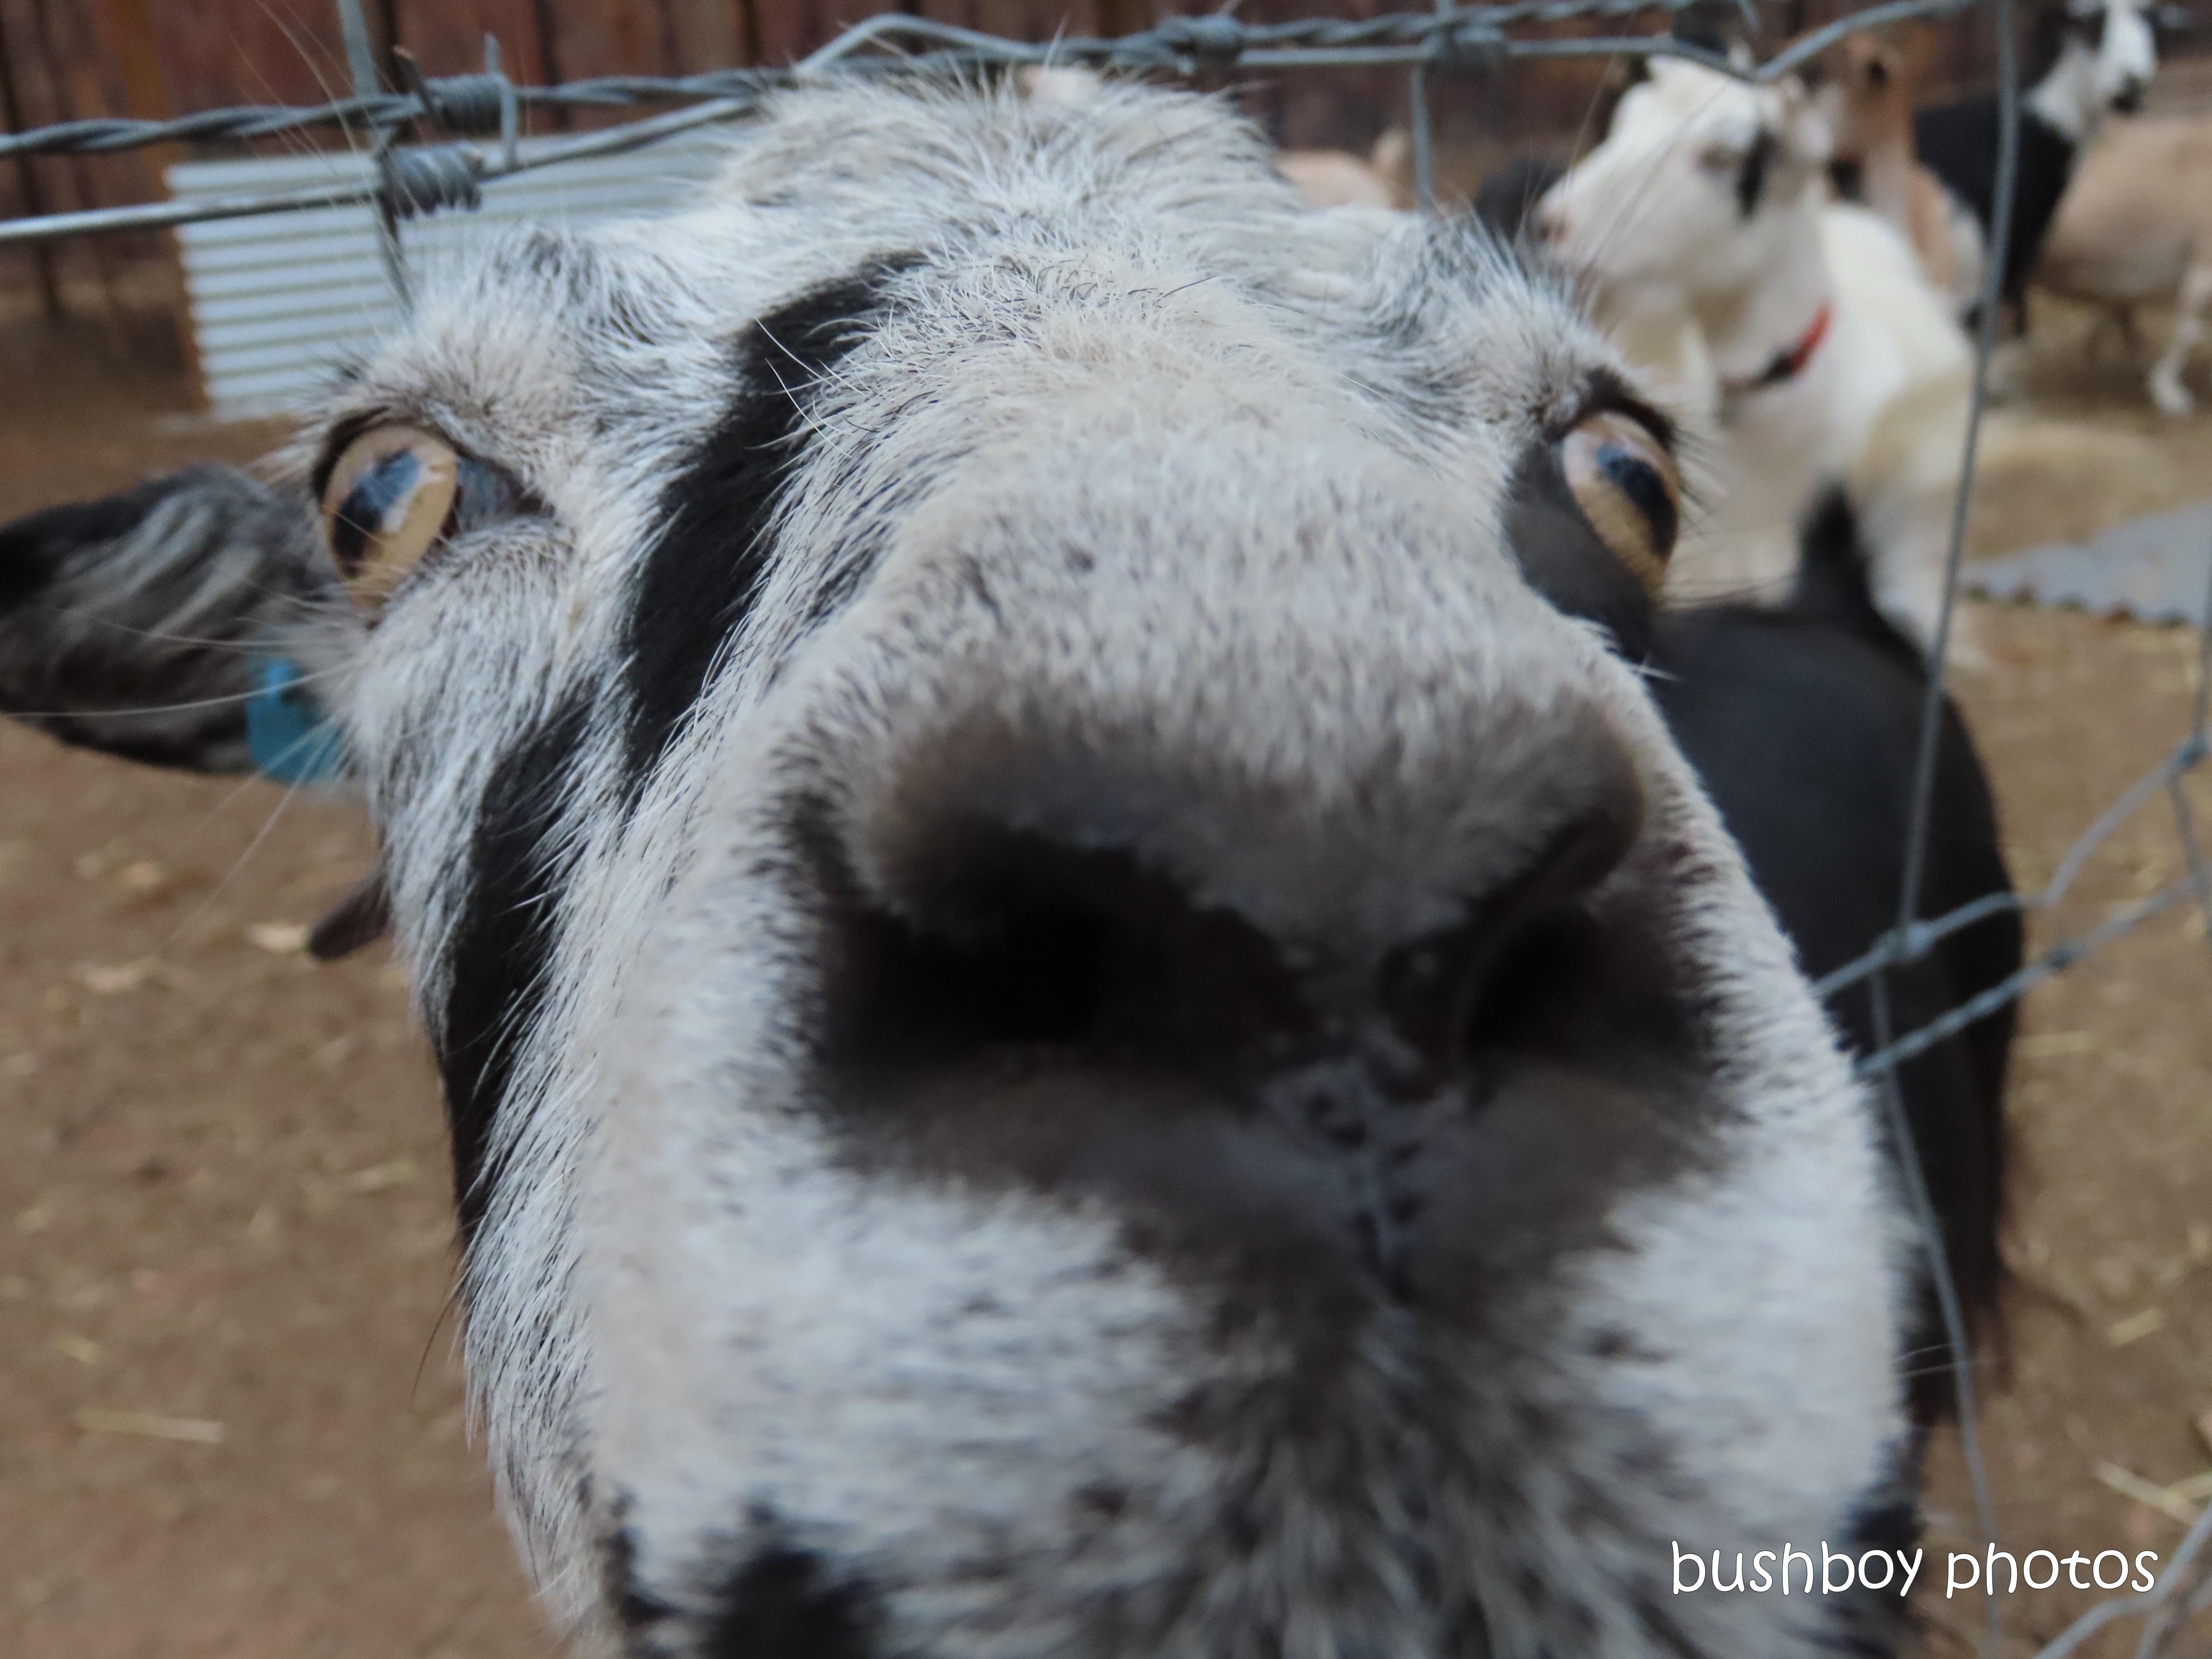 20200116_blog_challenge_joy_say cheese_goat_jackadgery